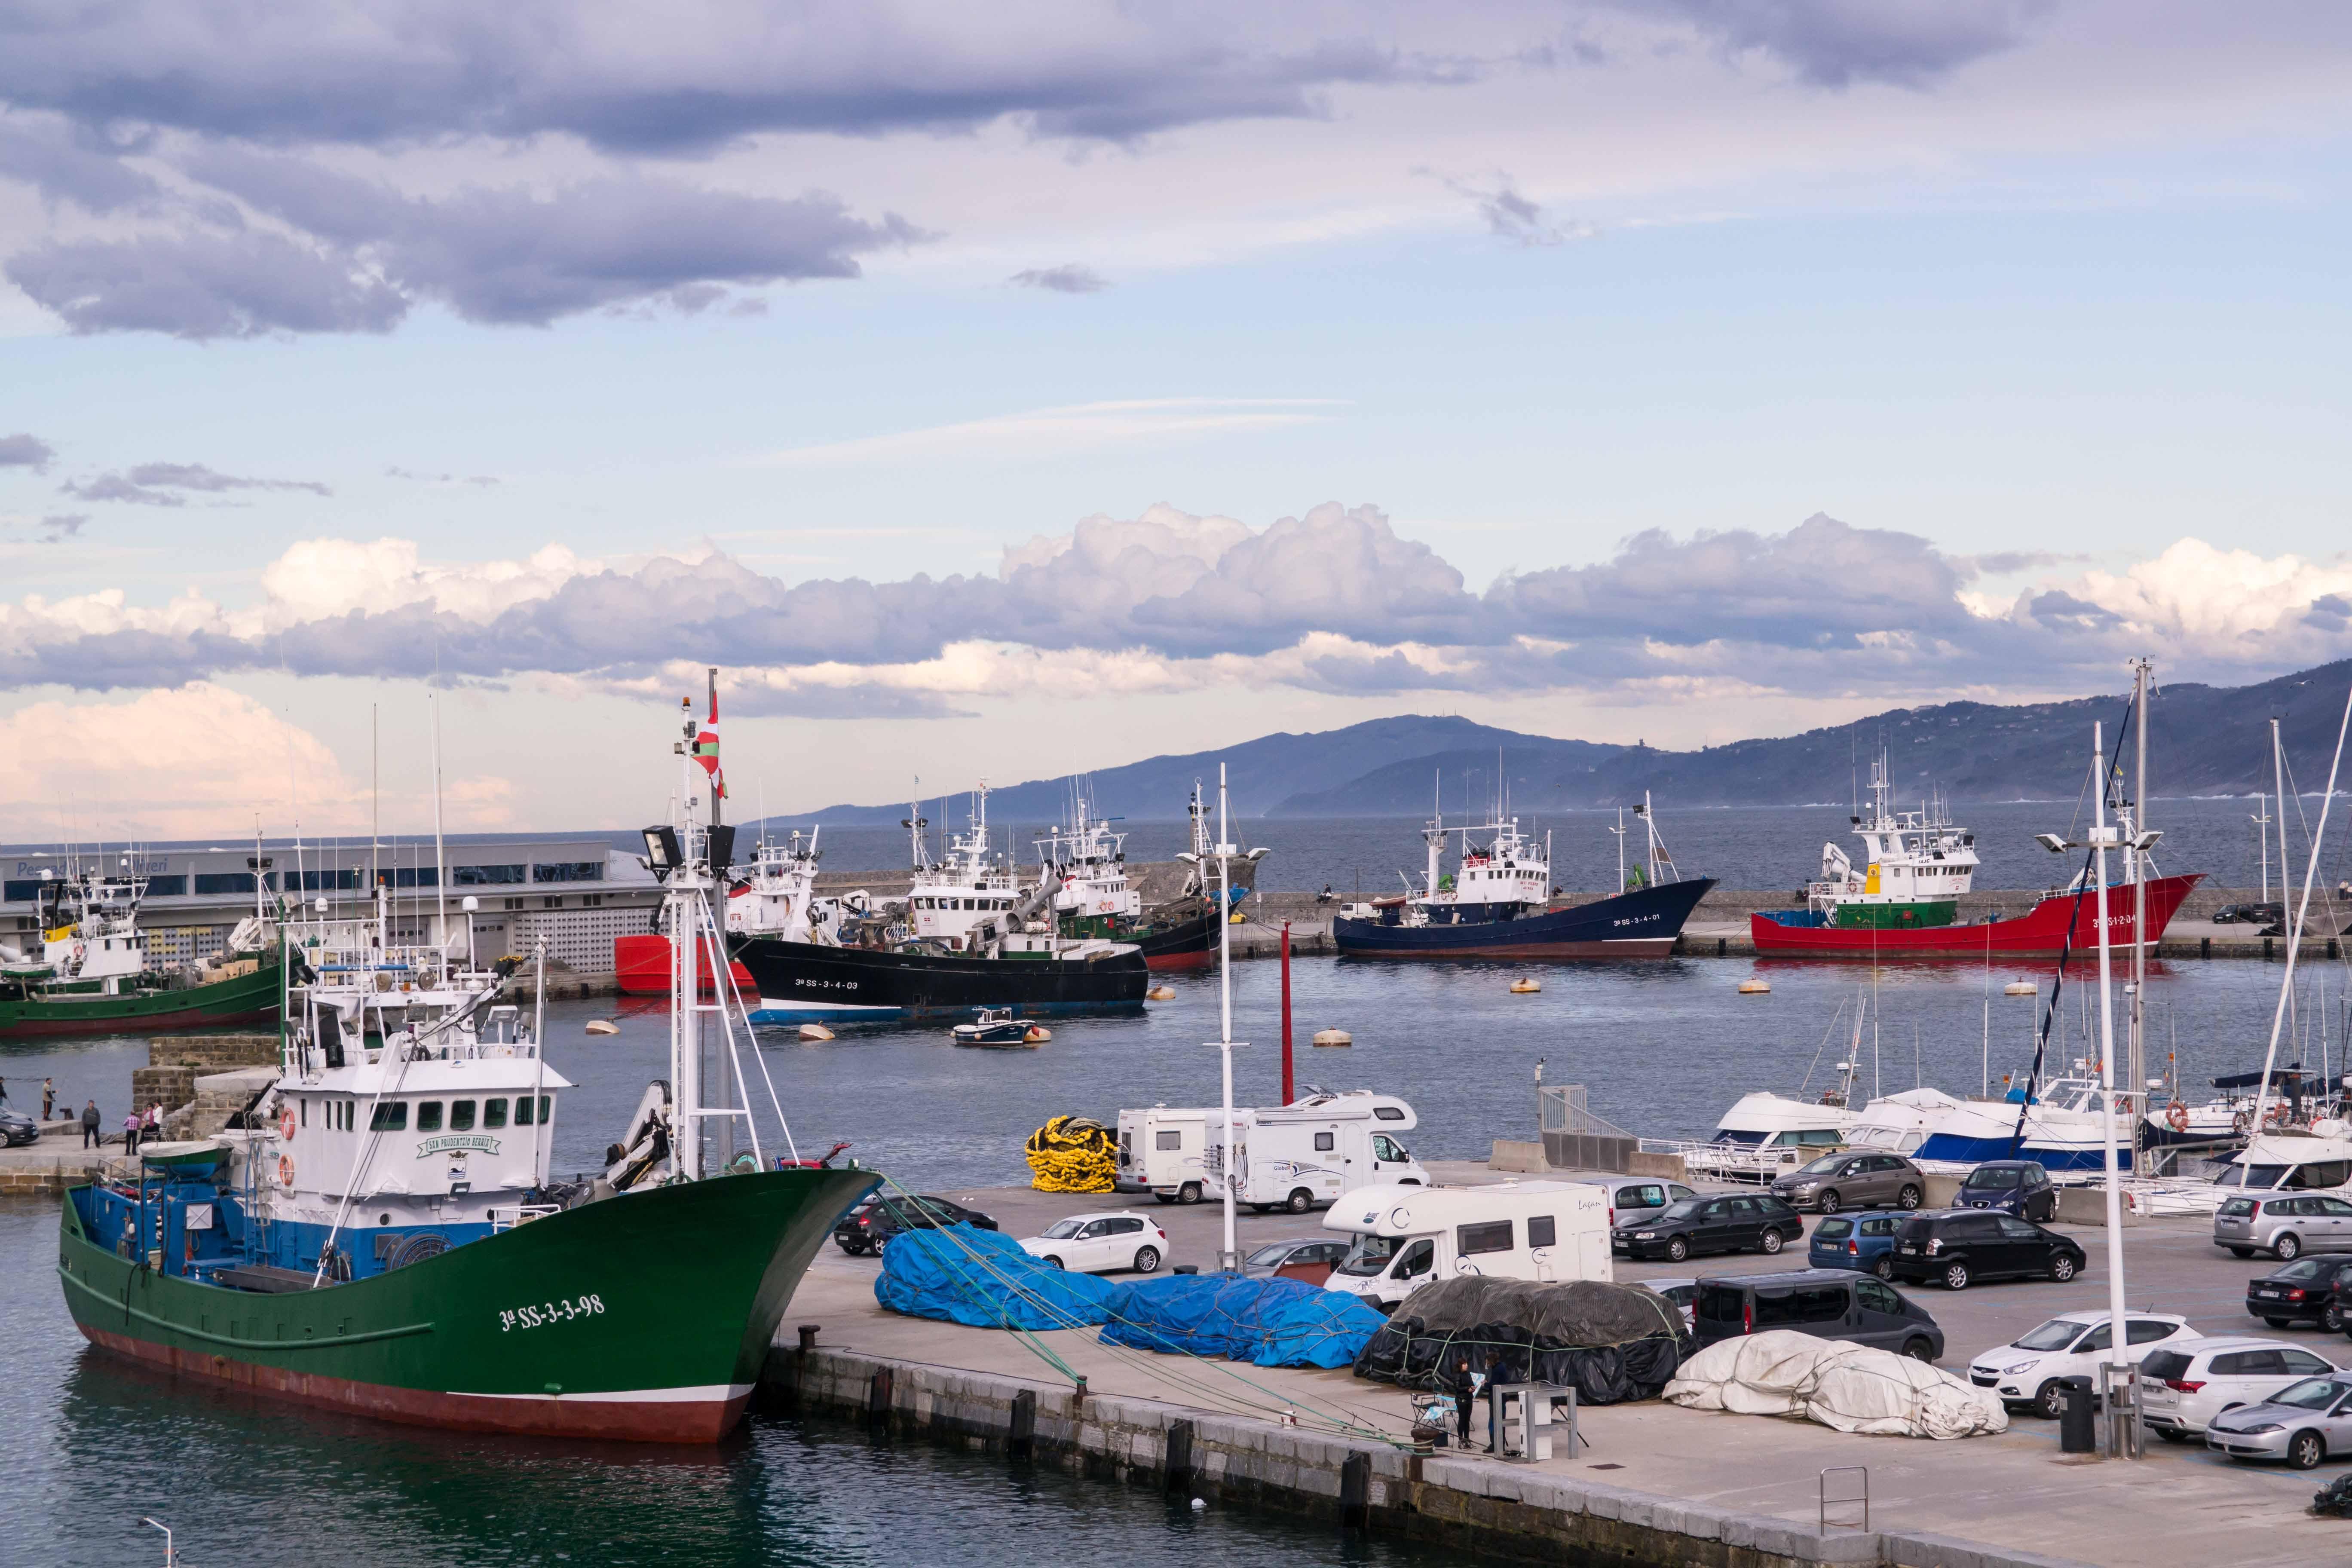 Hafen Getaria Baskenland